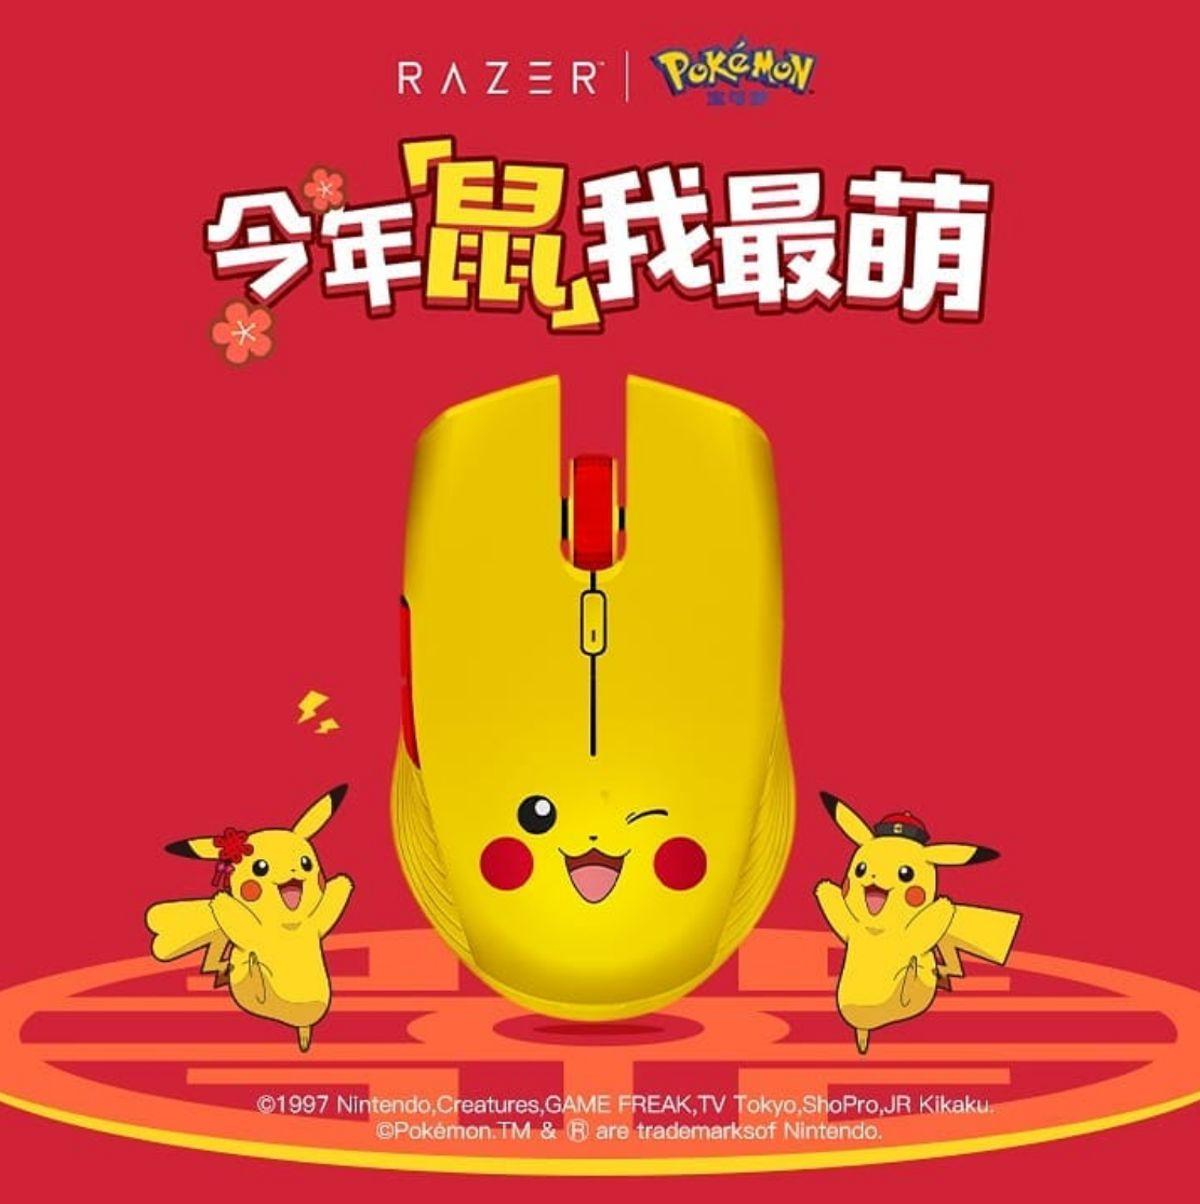 Razer tiết lộ chuột chơi game Pikachu Atheris độc quyền Trung Quốc 1